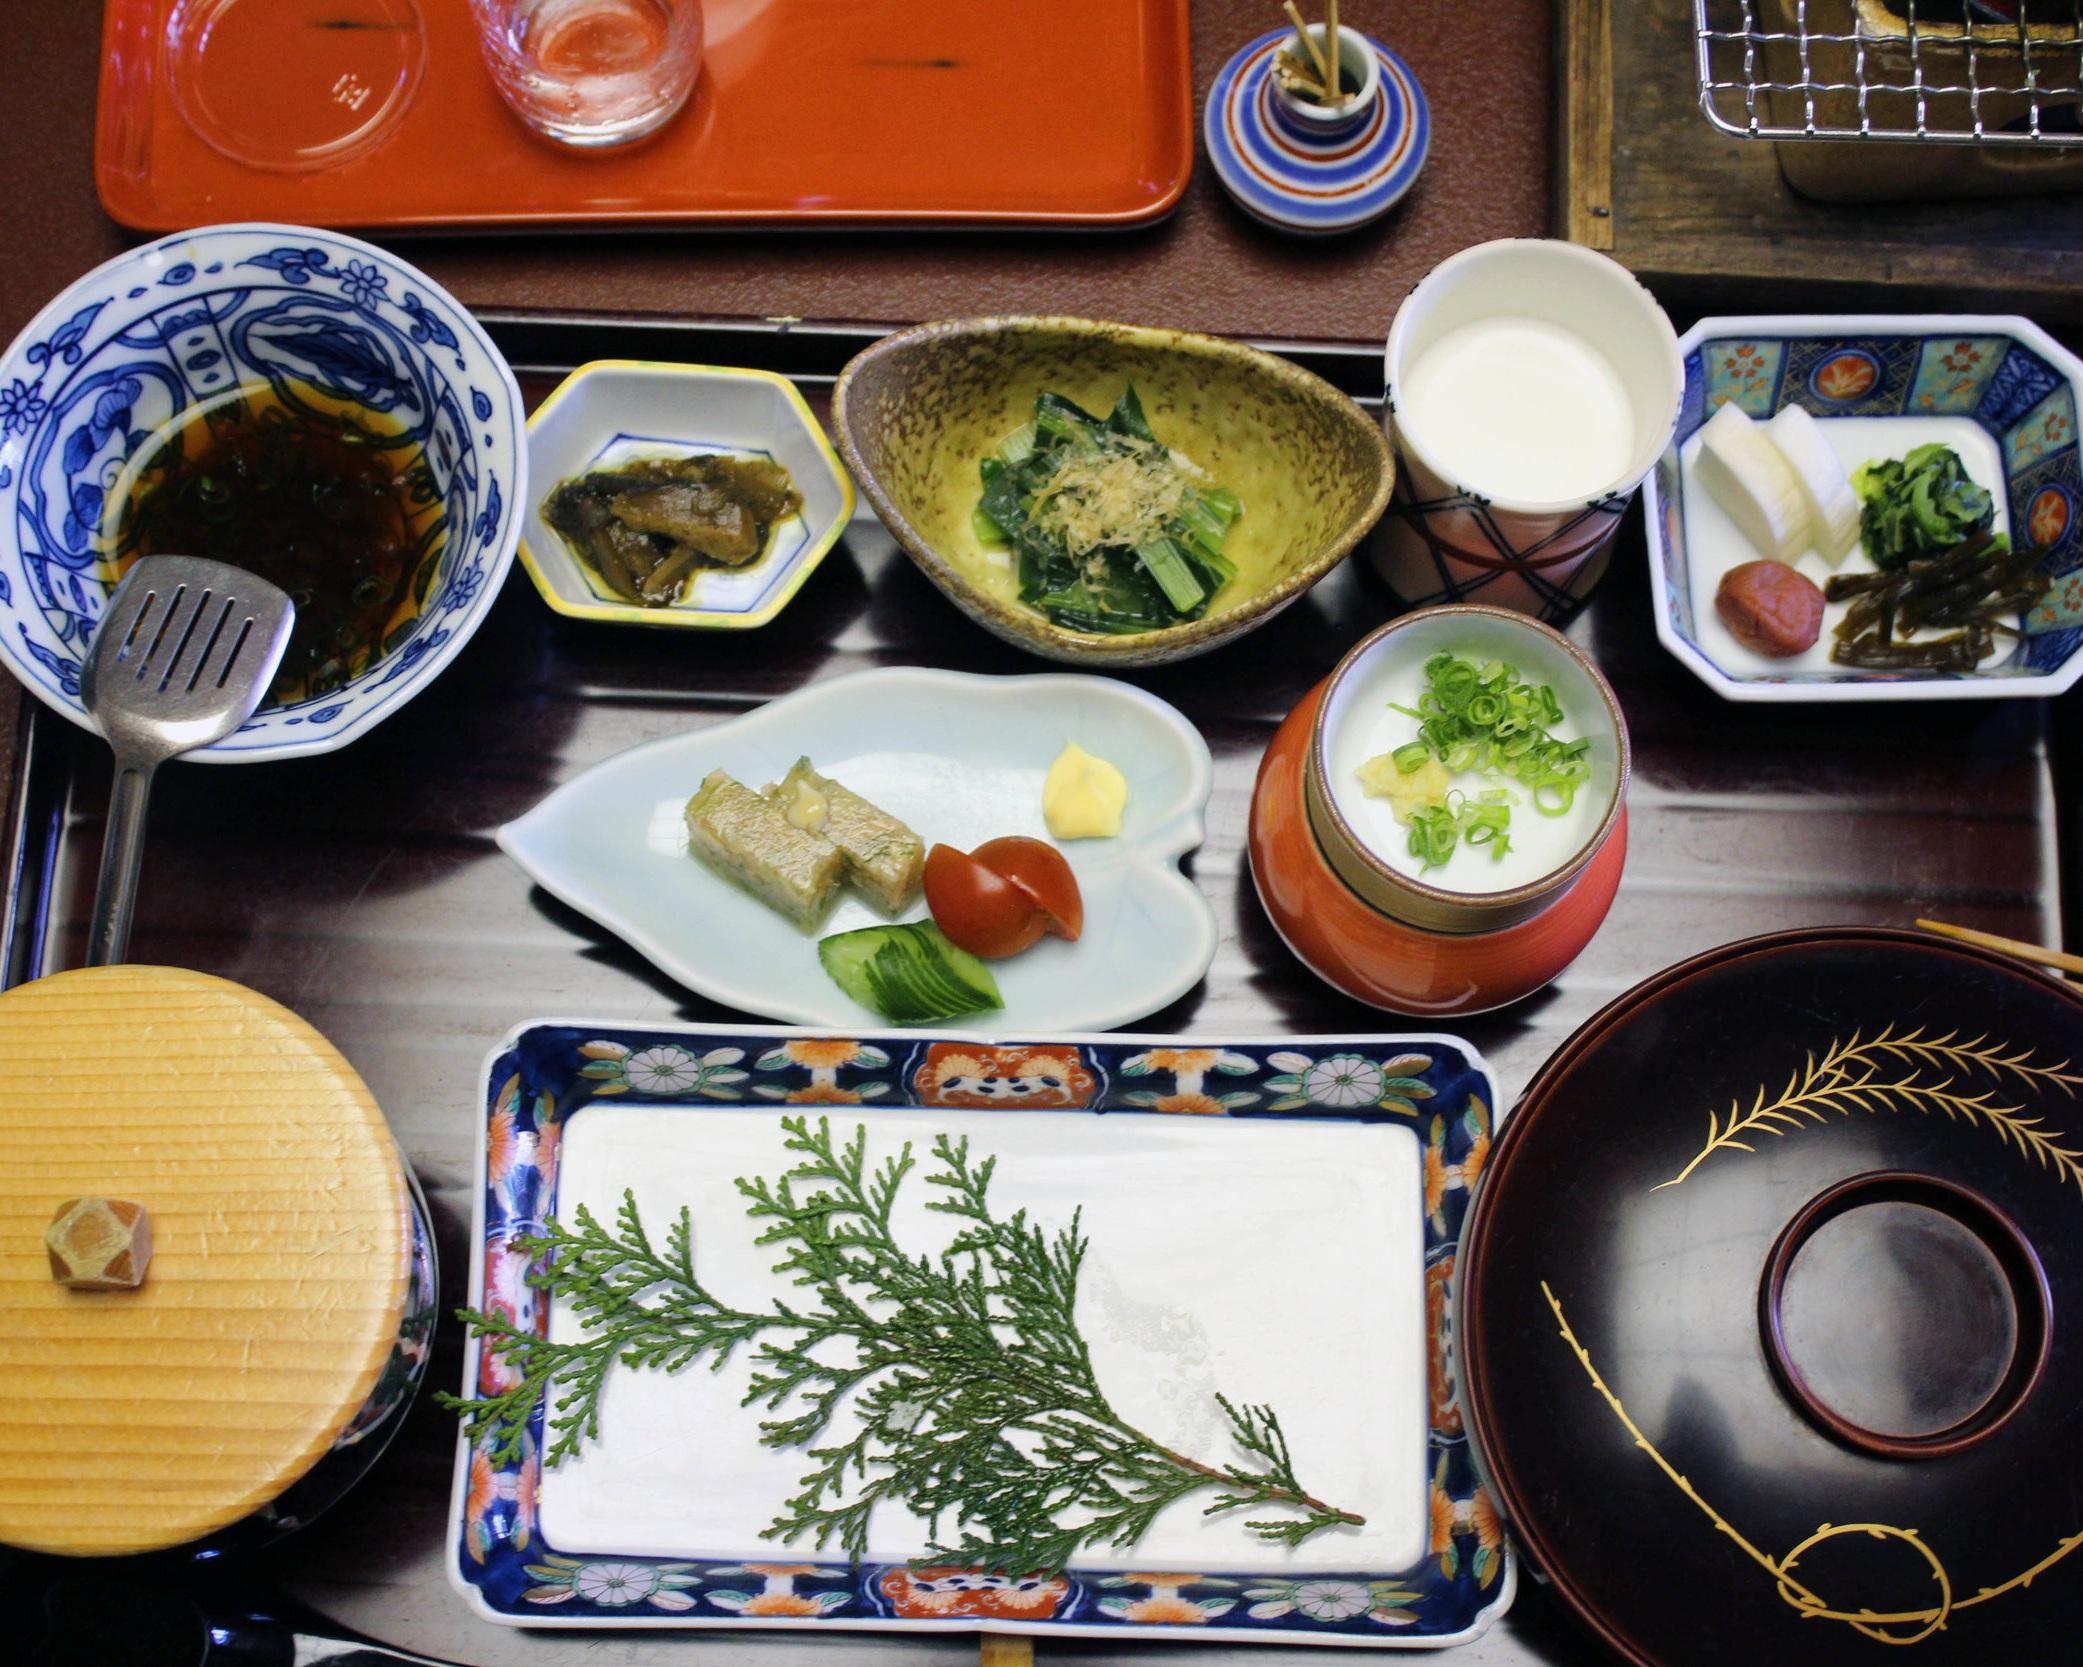 My kaiseki-style dinner